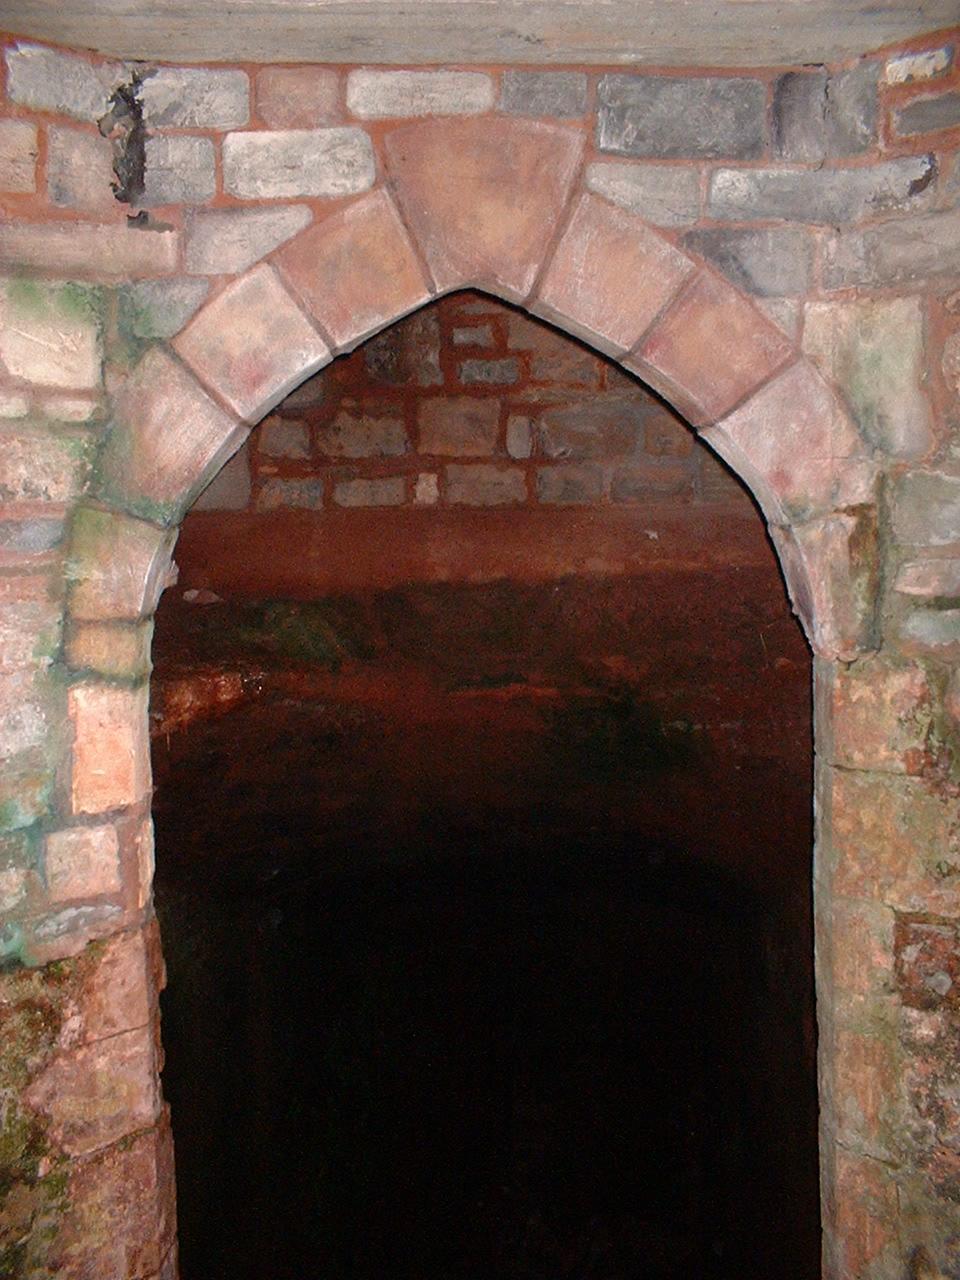 Sally port, bristol, united kingdom (uk) - Guide to urban underground Bristol.